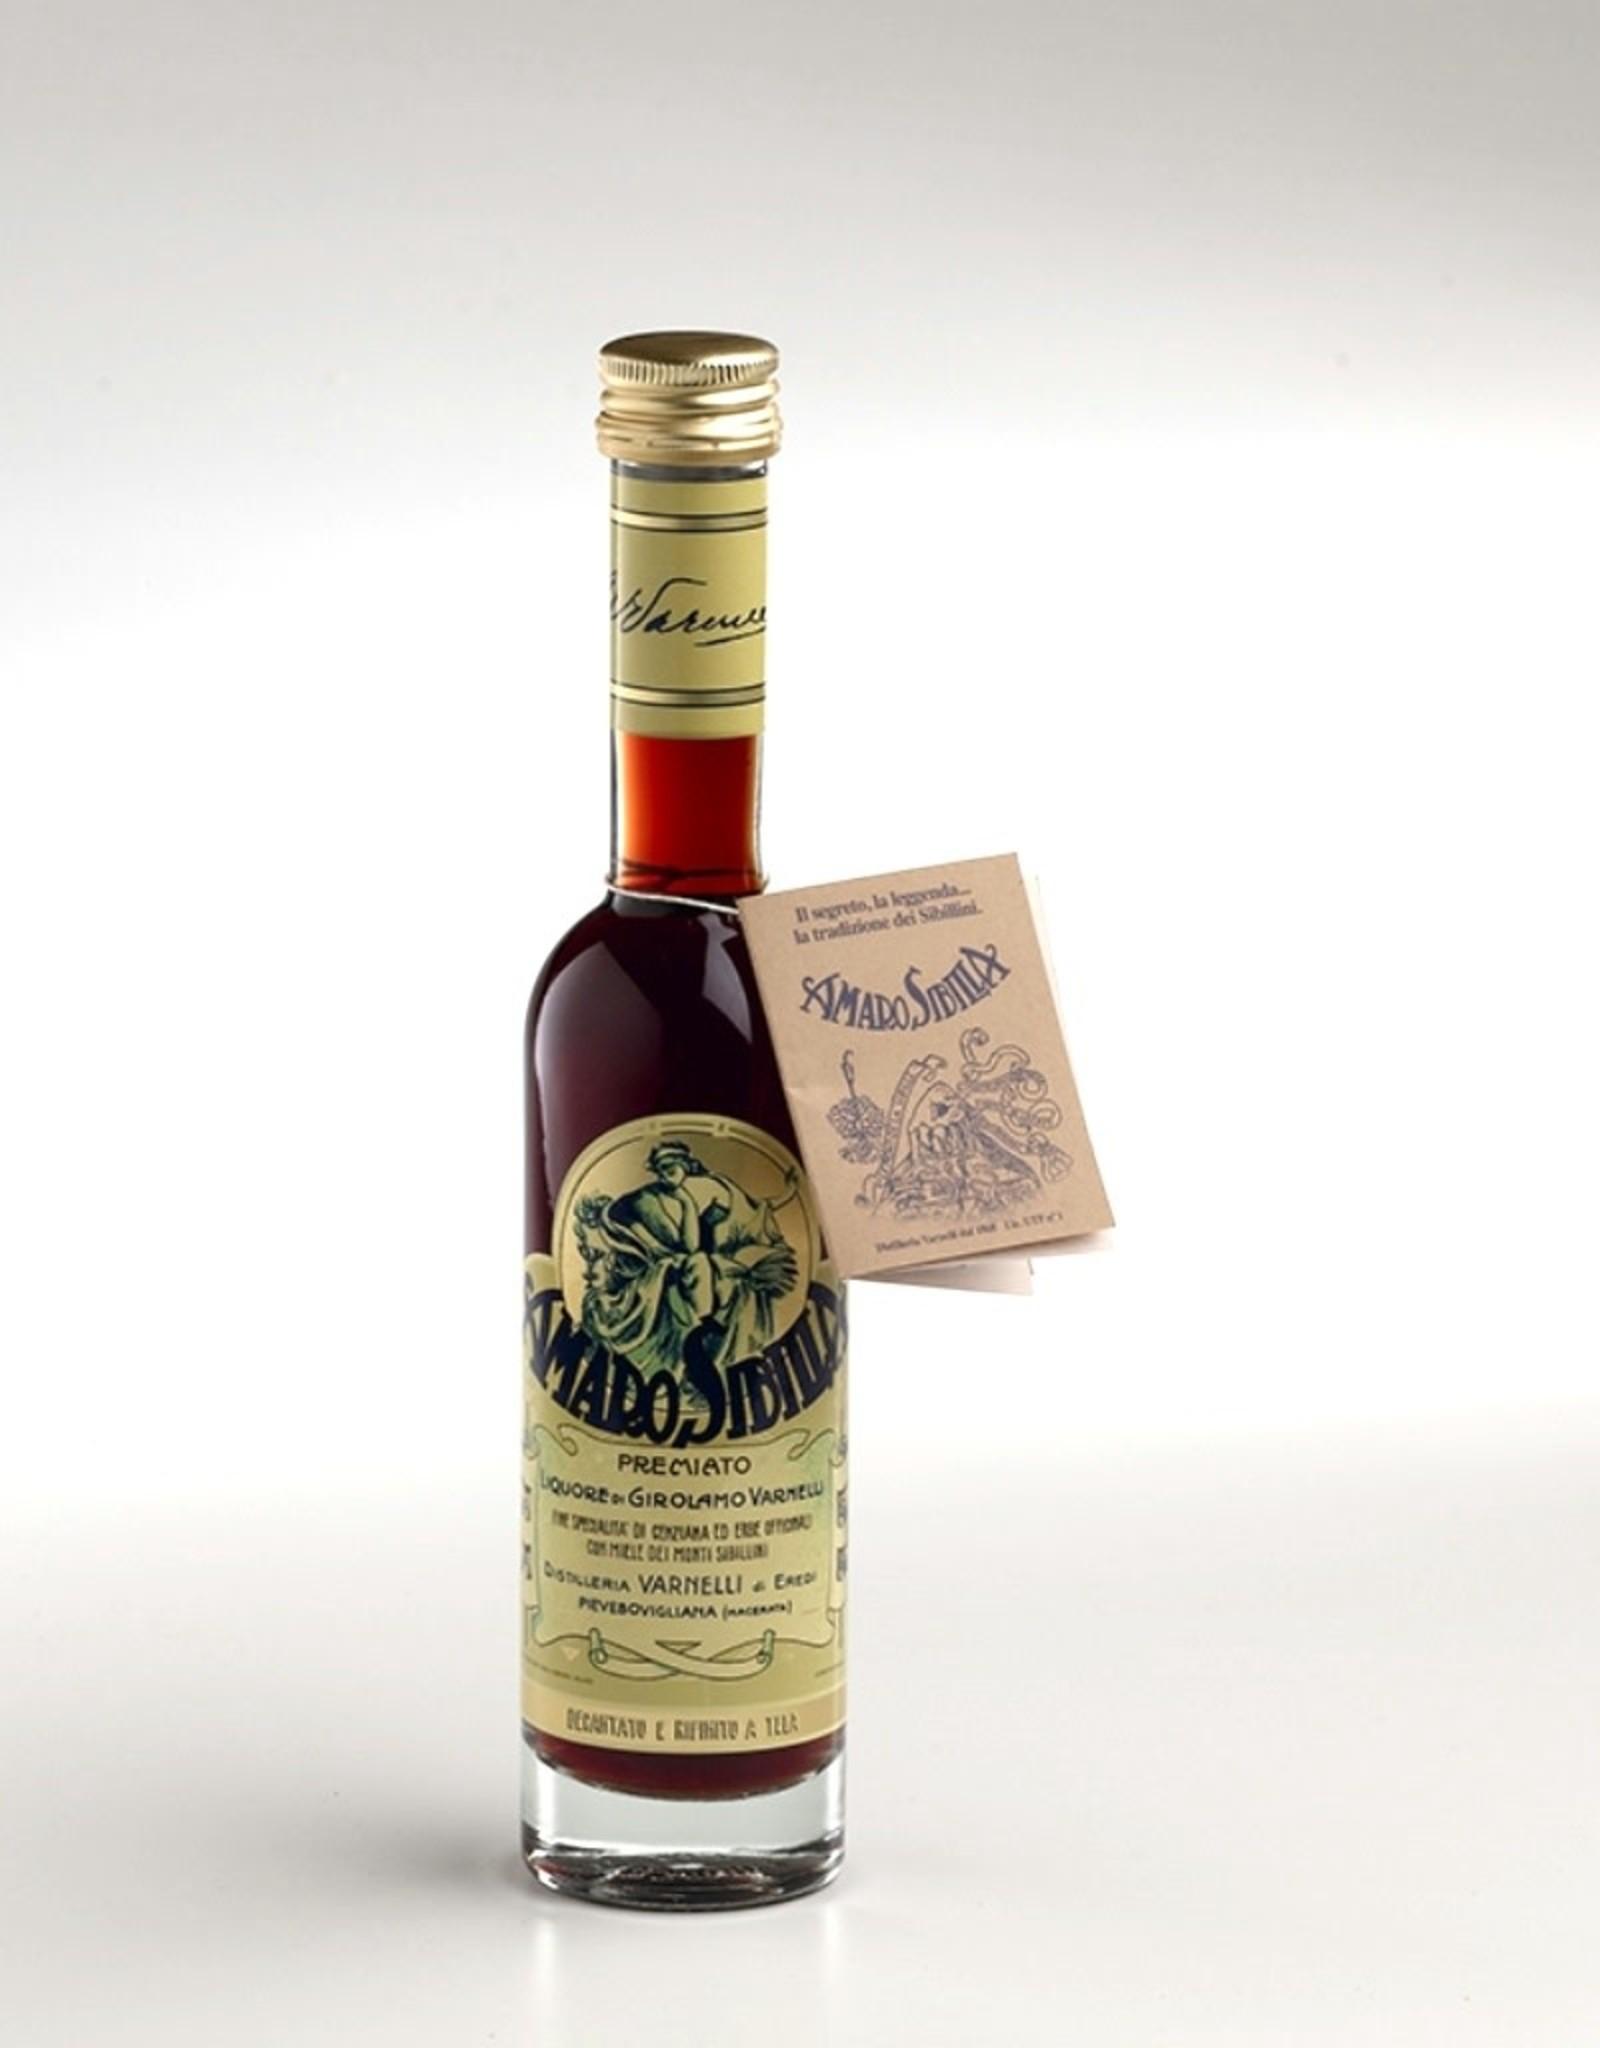 Amaro Amaro, Sibilla, Varnelli (200 ml)